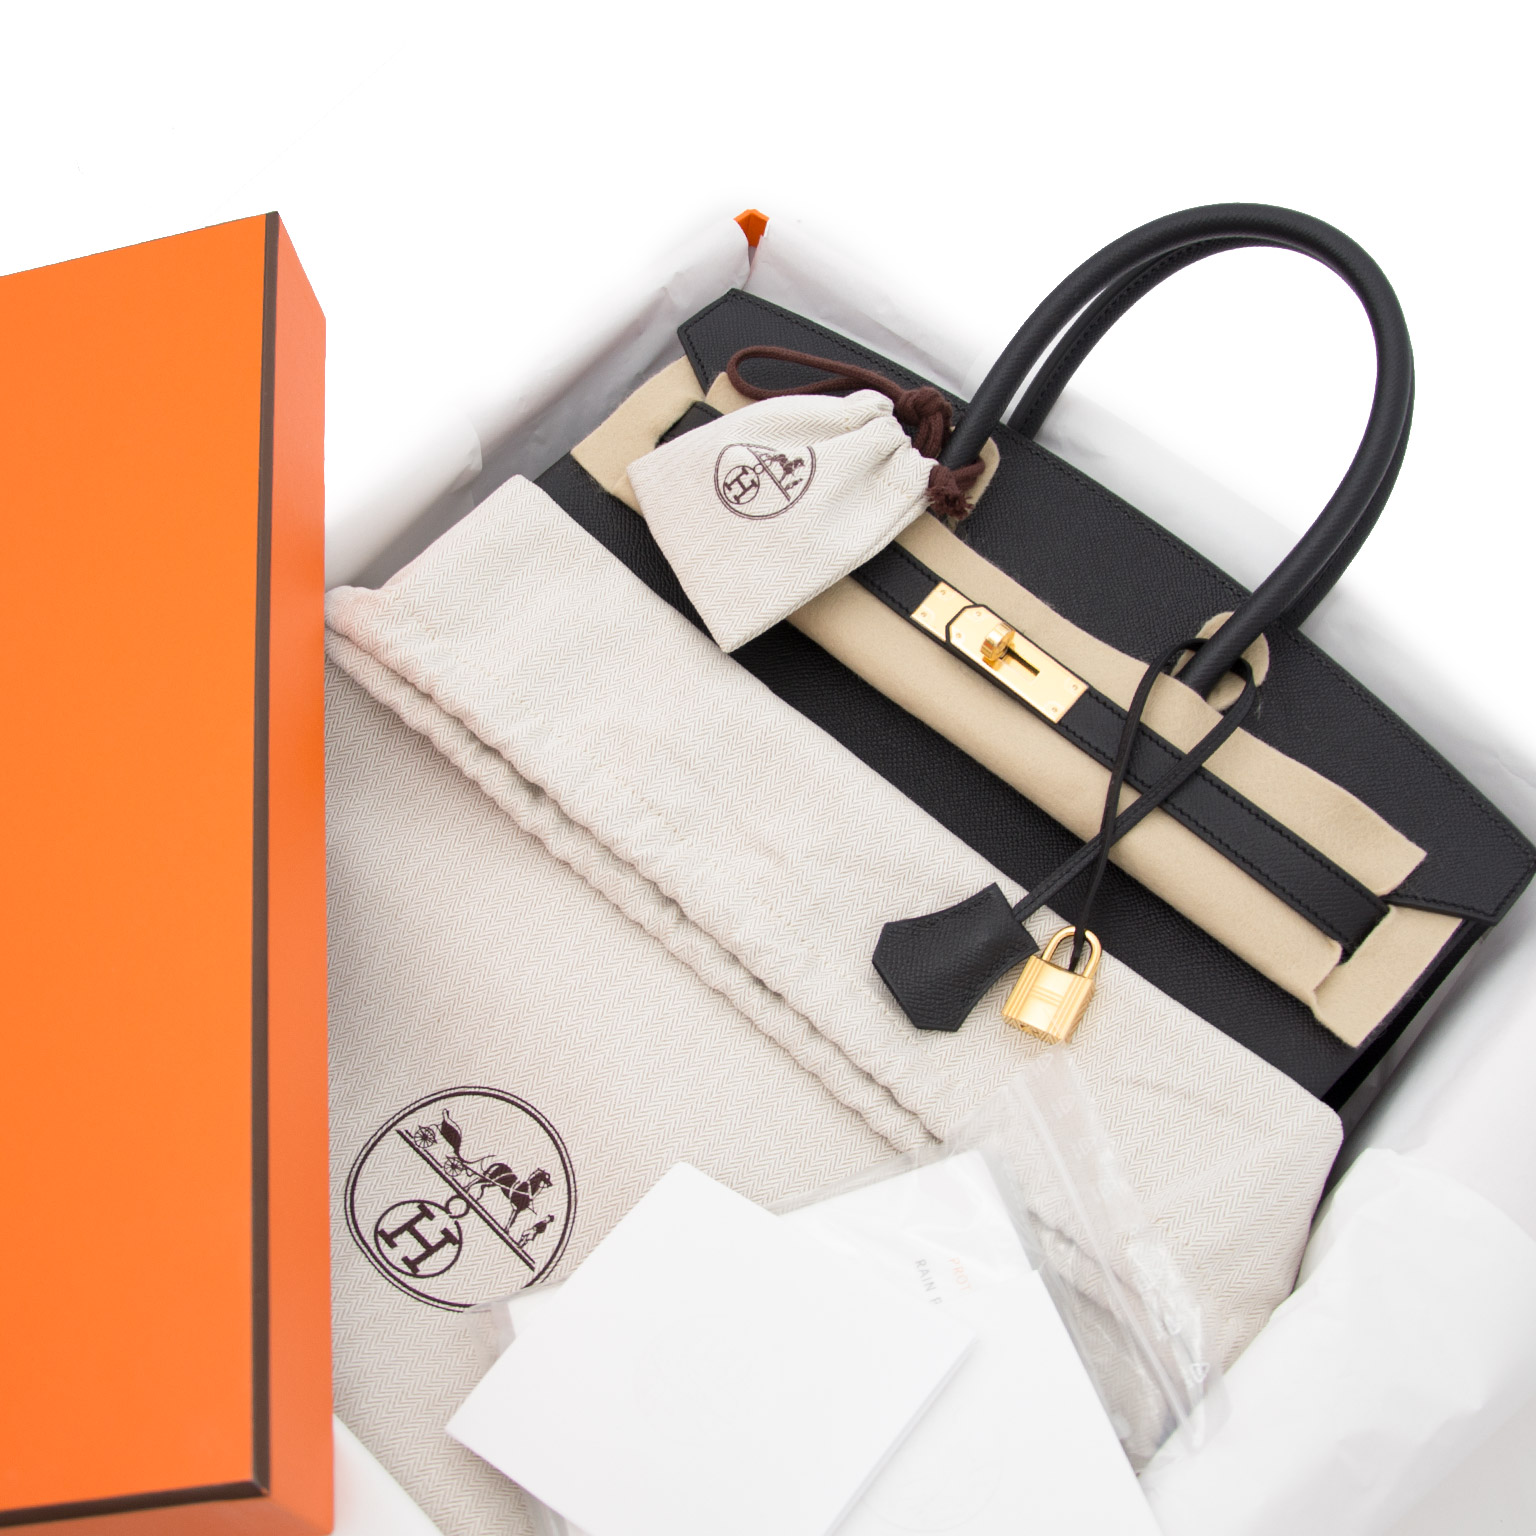 Acheter en ligne chez labellov.com Hermes Birkin 35 Epsom Noir ghw.